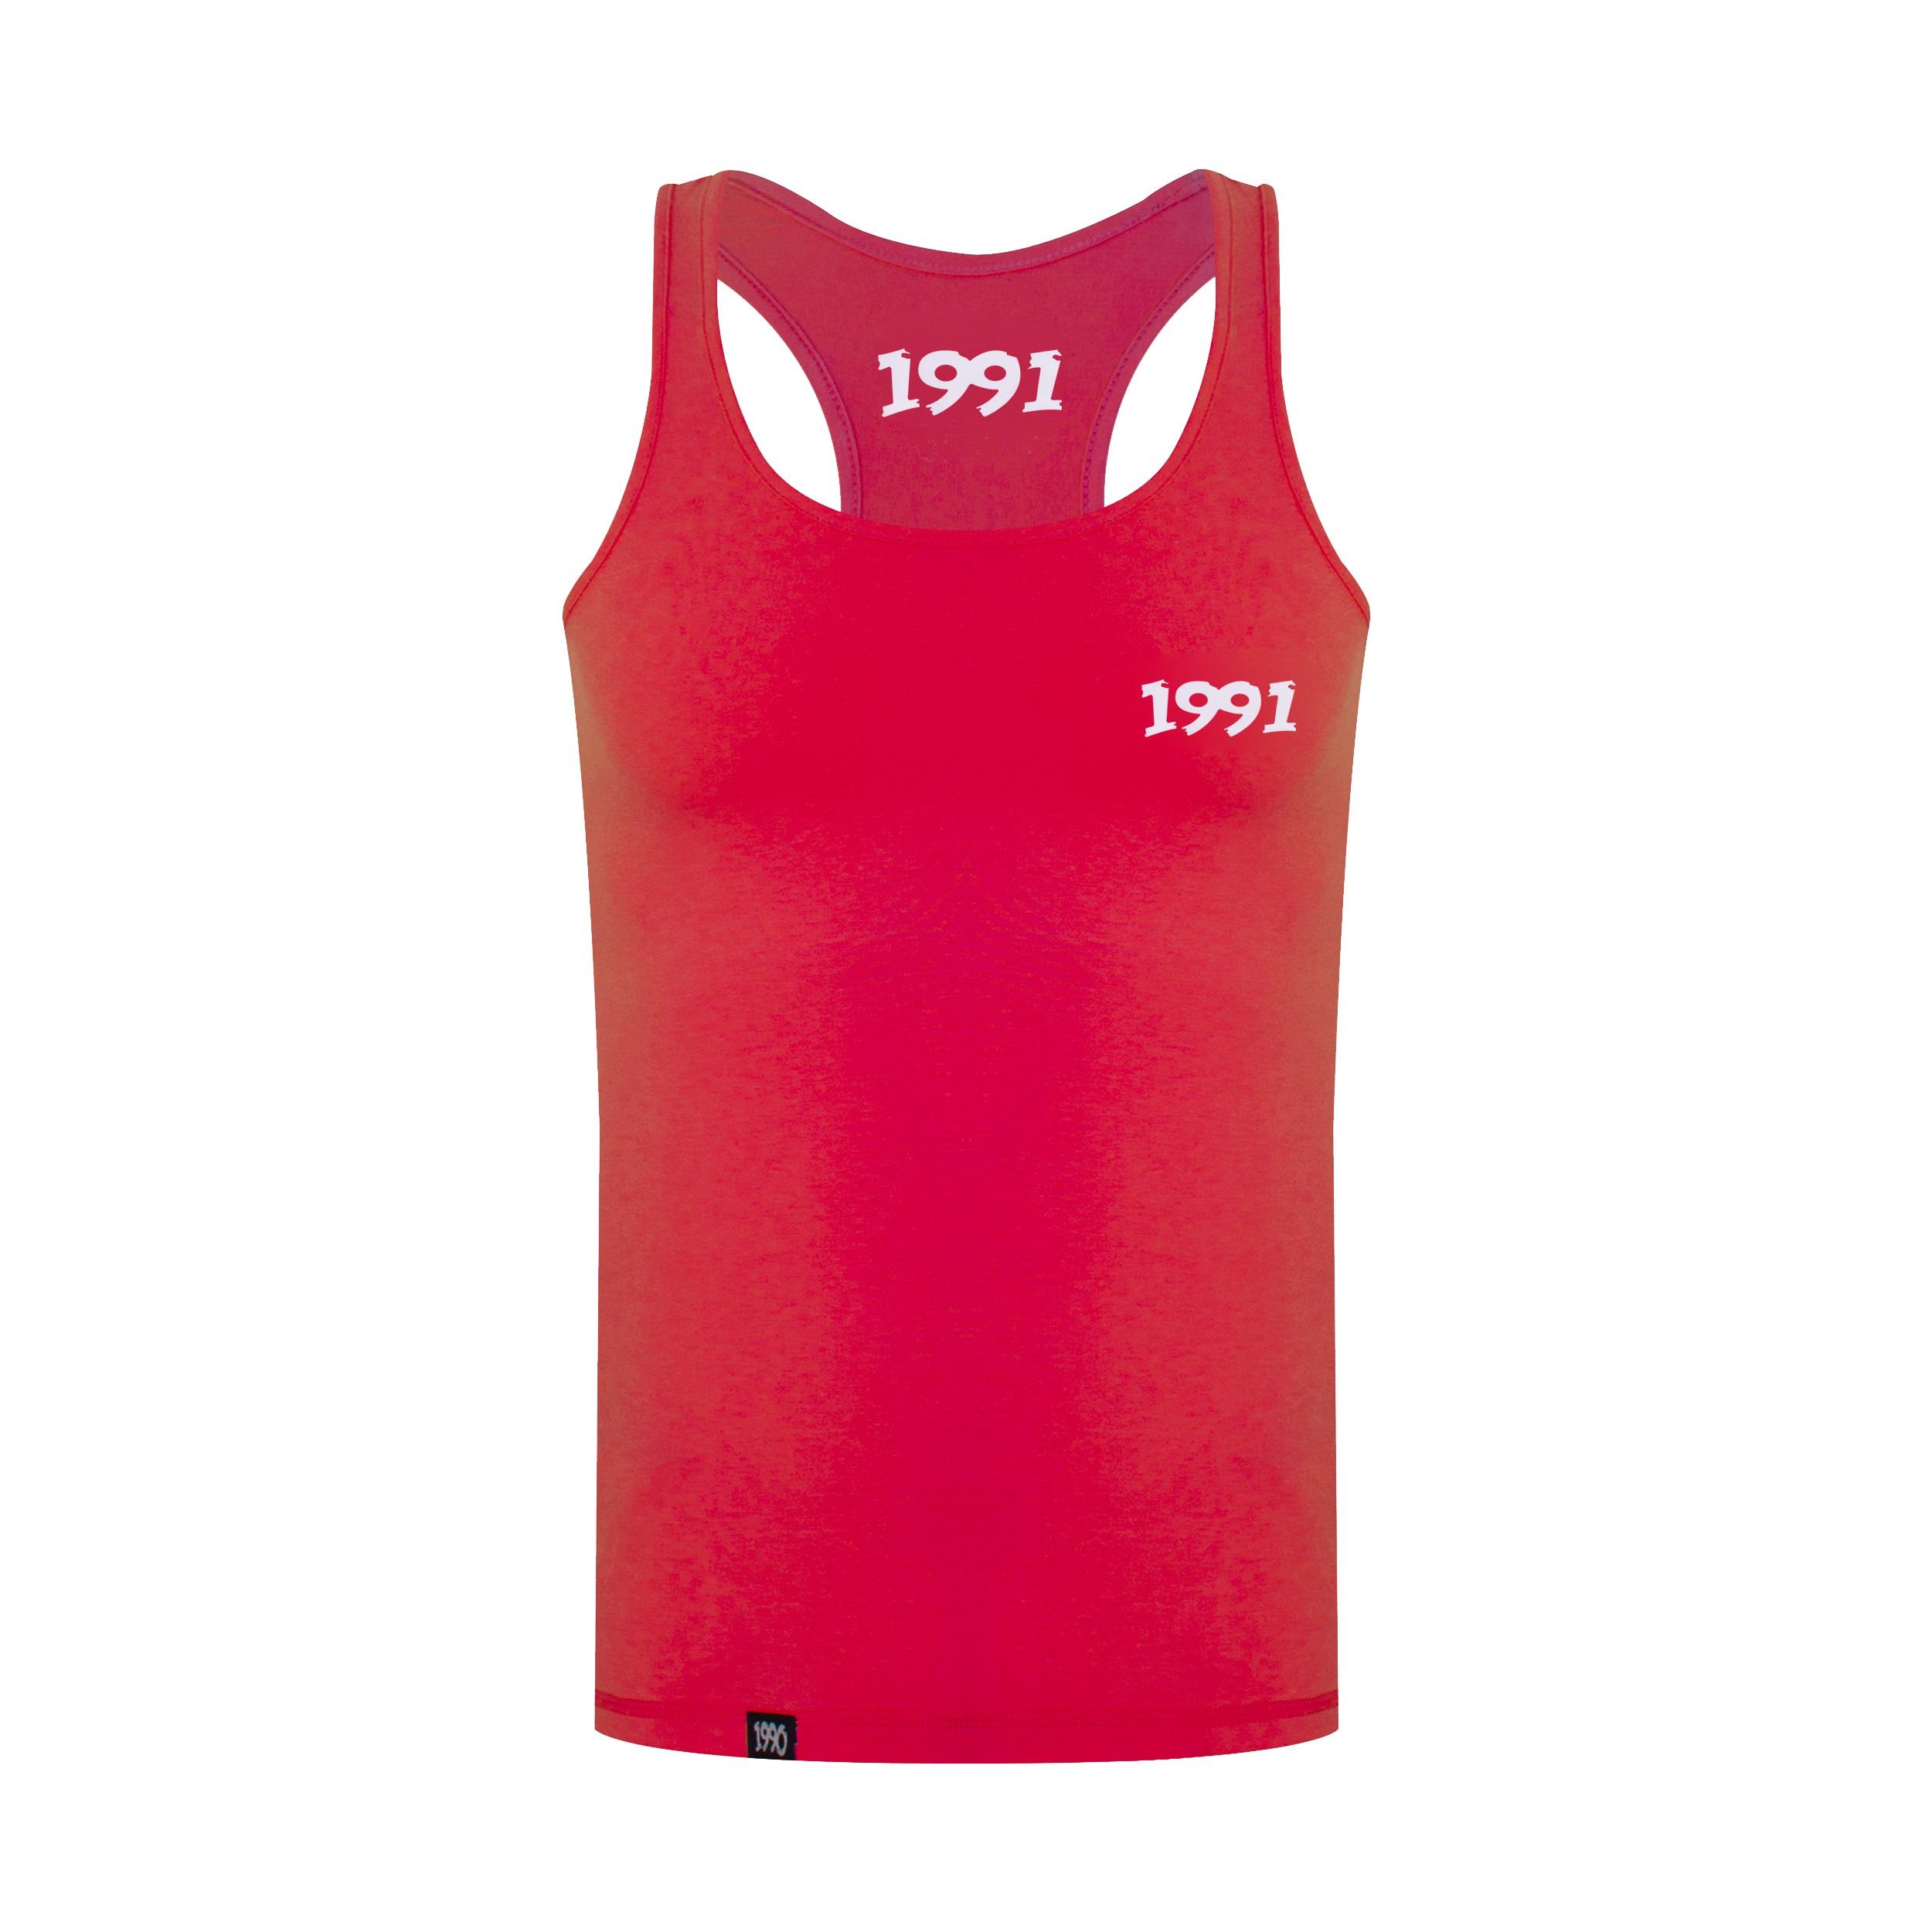 تاپ ورزشی زنانه 1991 اس دبلیو مدل TS1922 PE